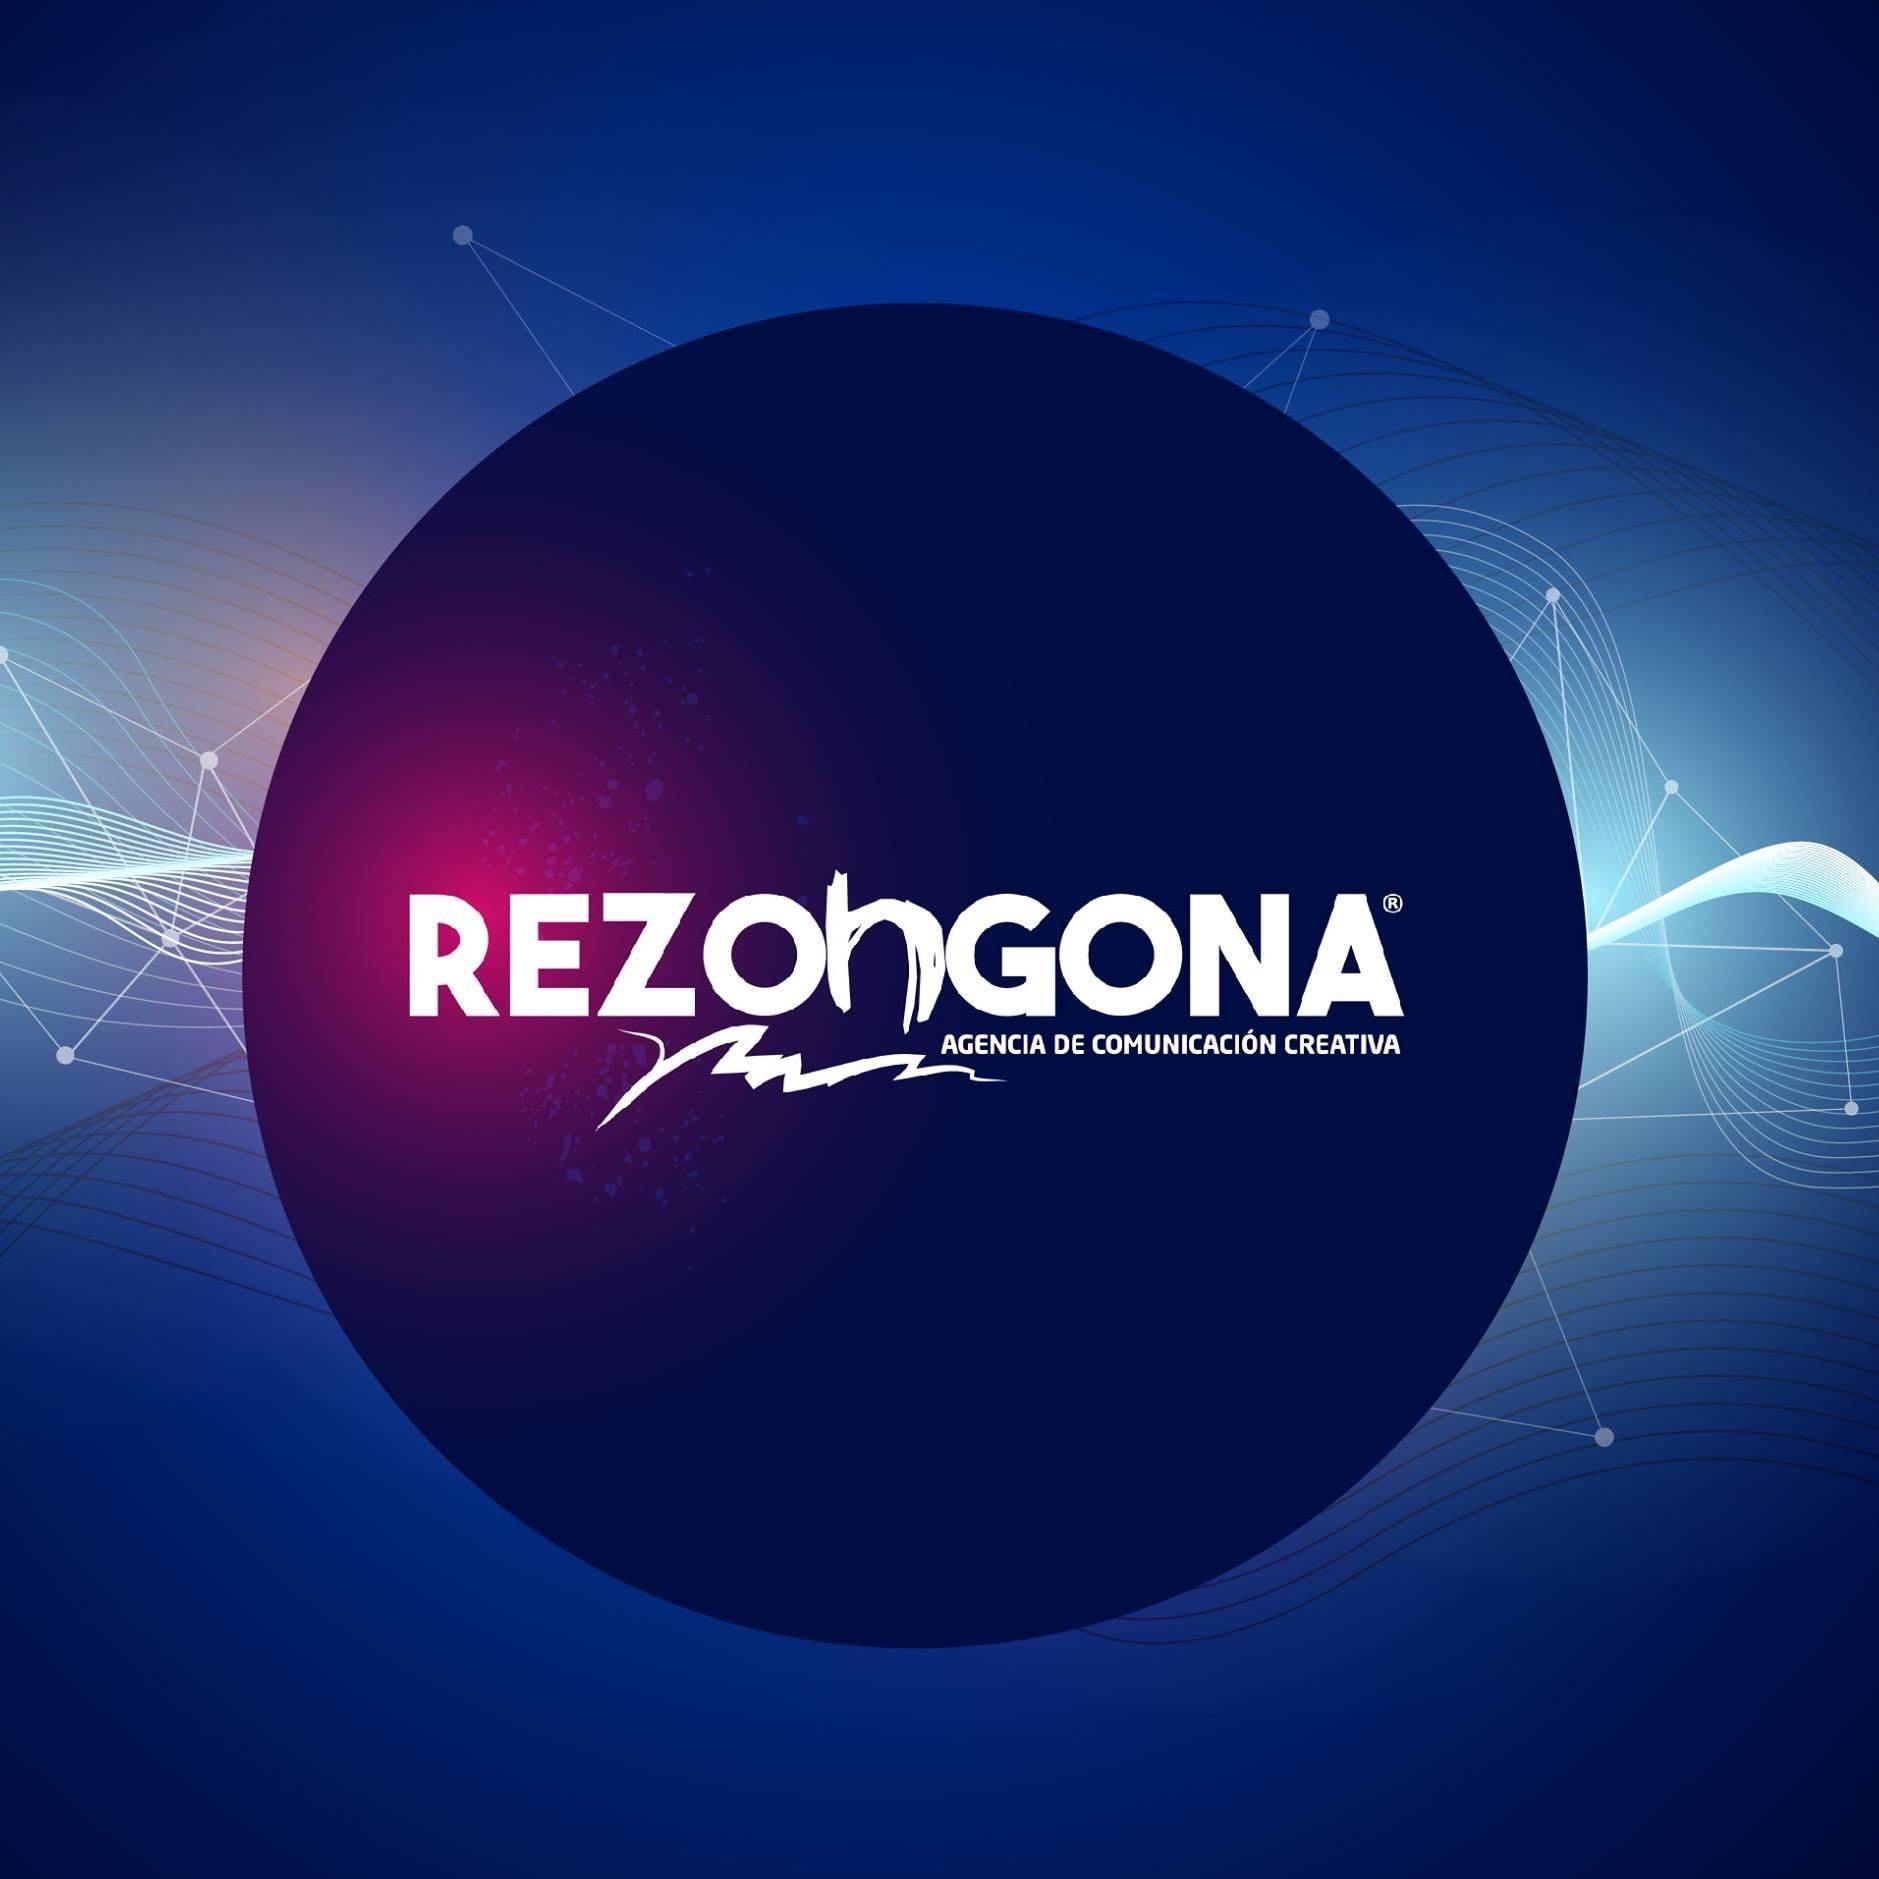 Rezongona